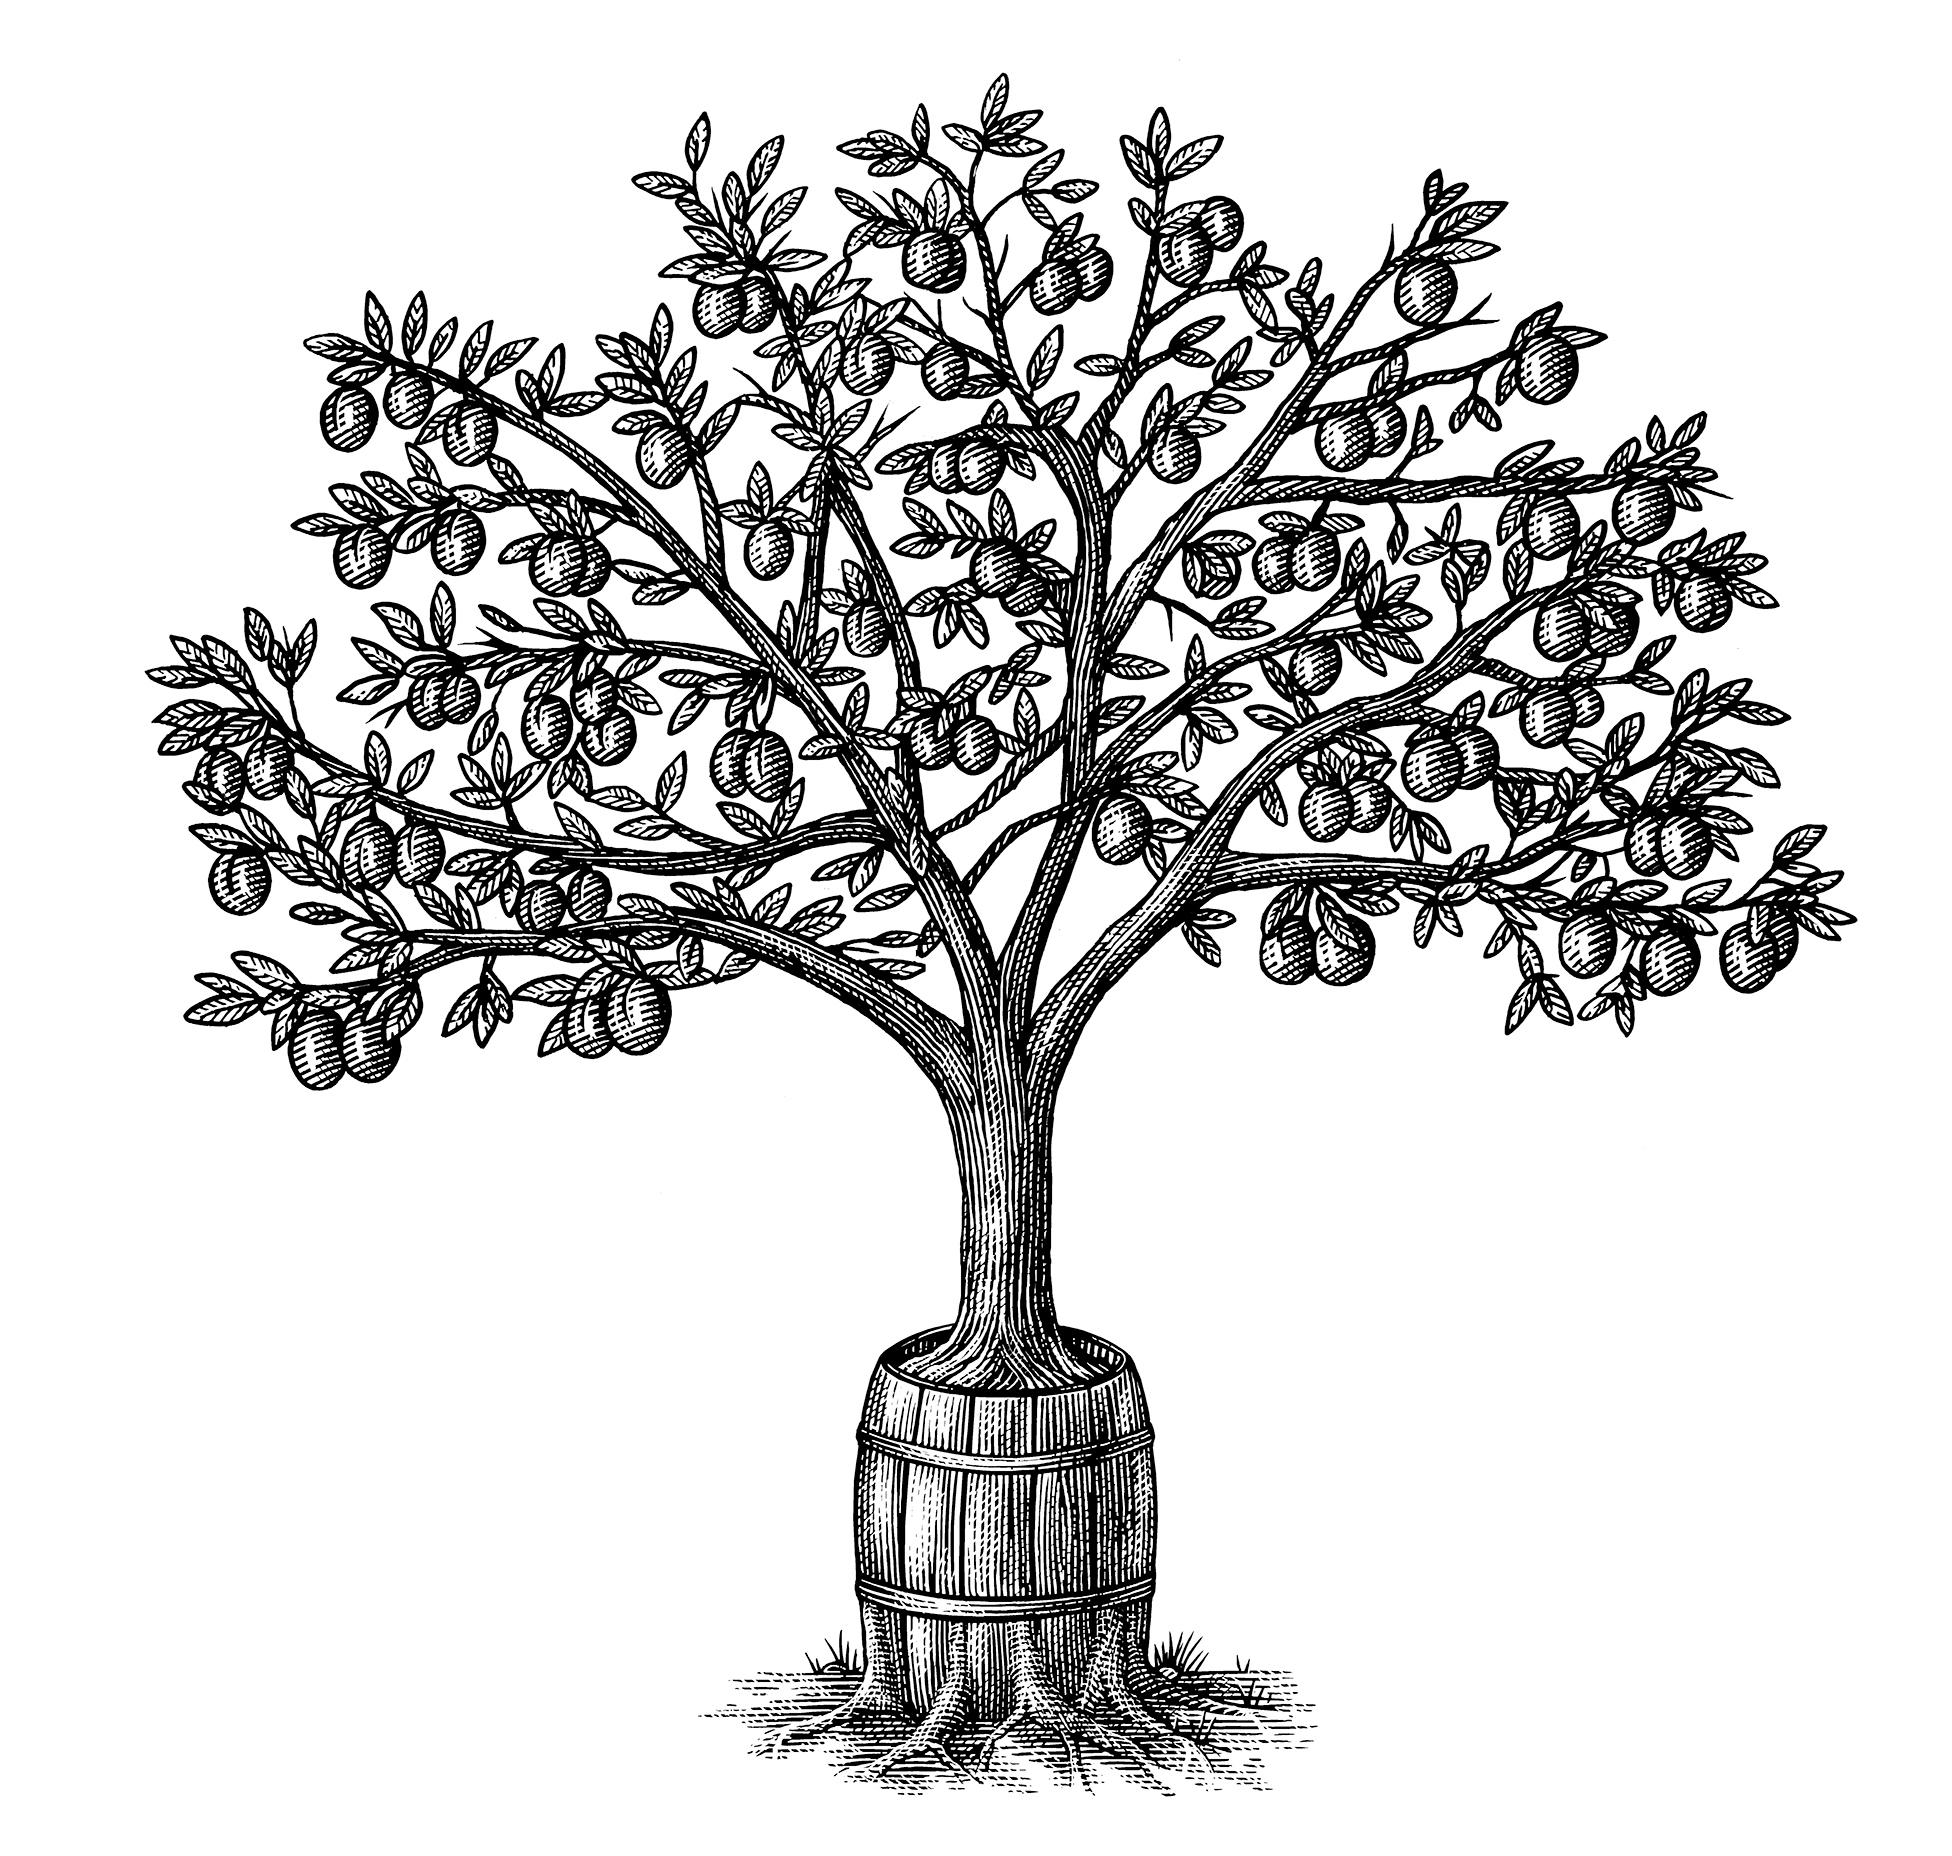 Plumwood Barrel Aged Whiskey